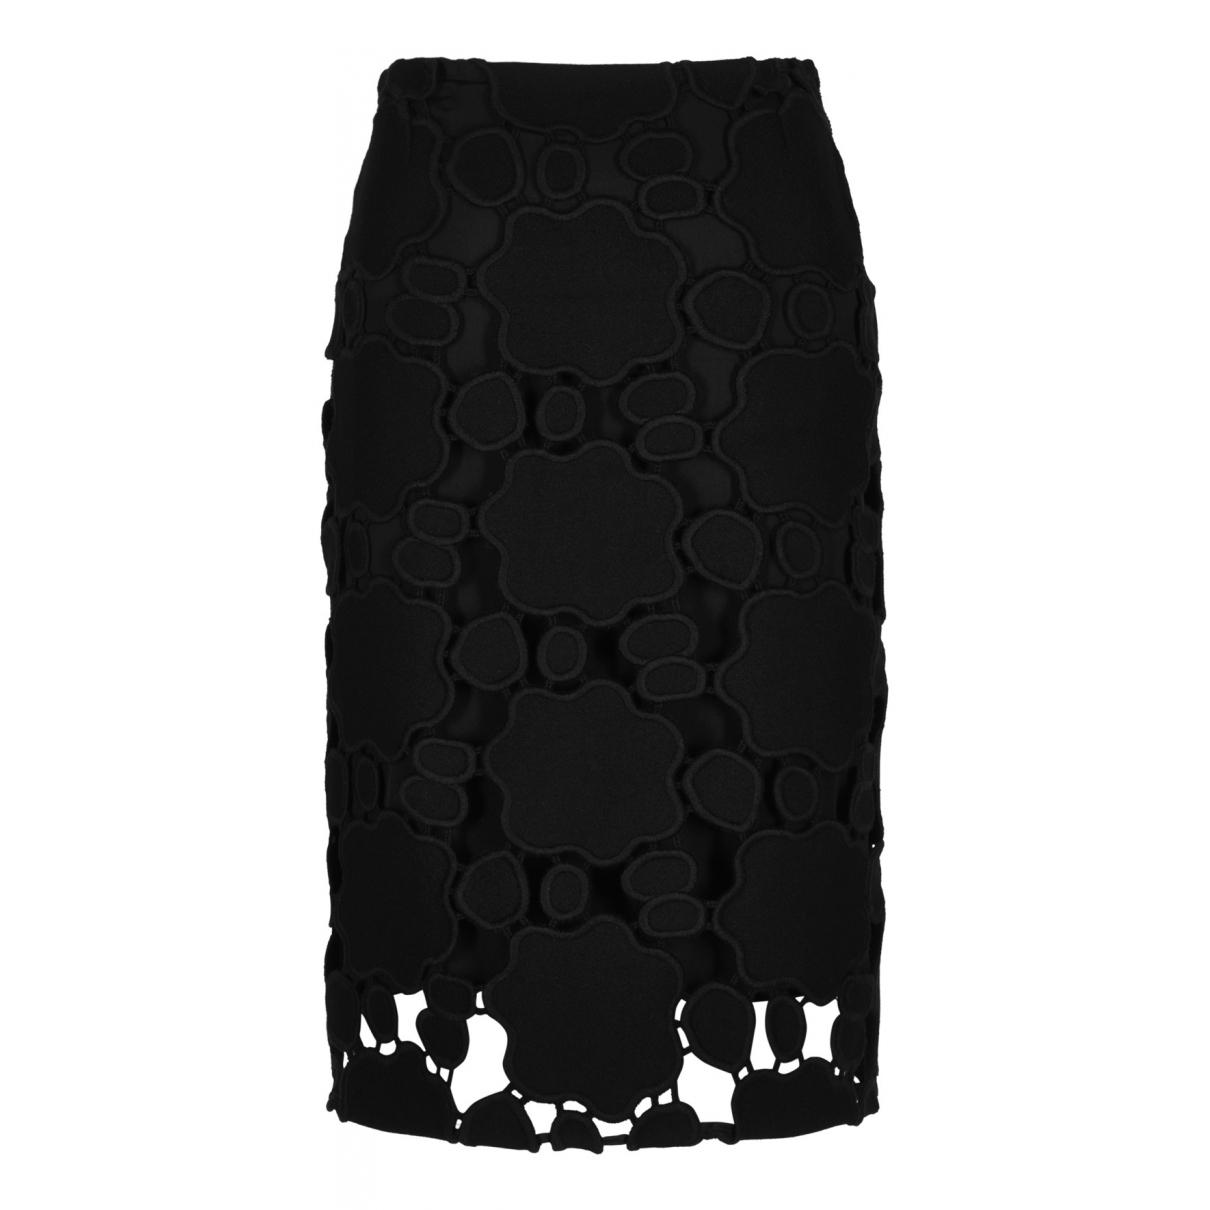 Miu Miu N Black Silk skirt for Women 8 UK